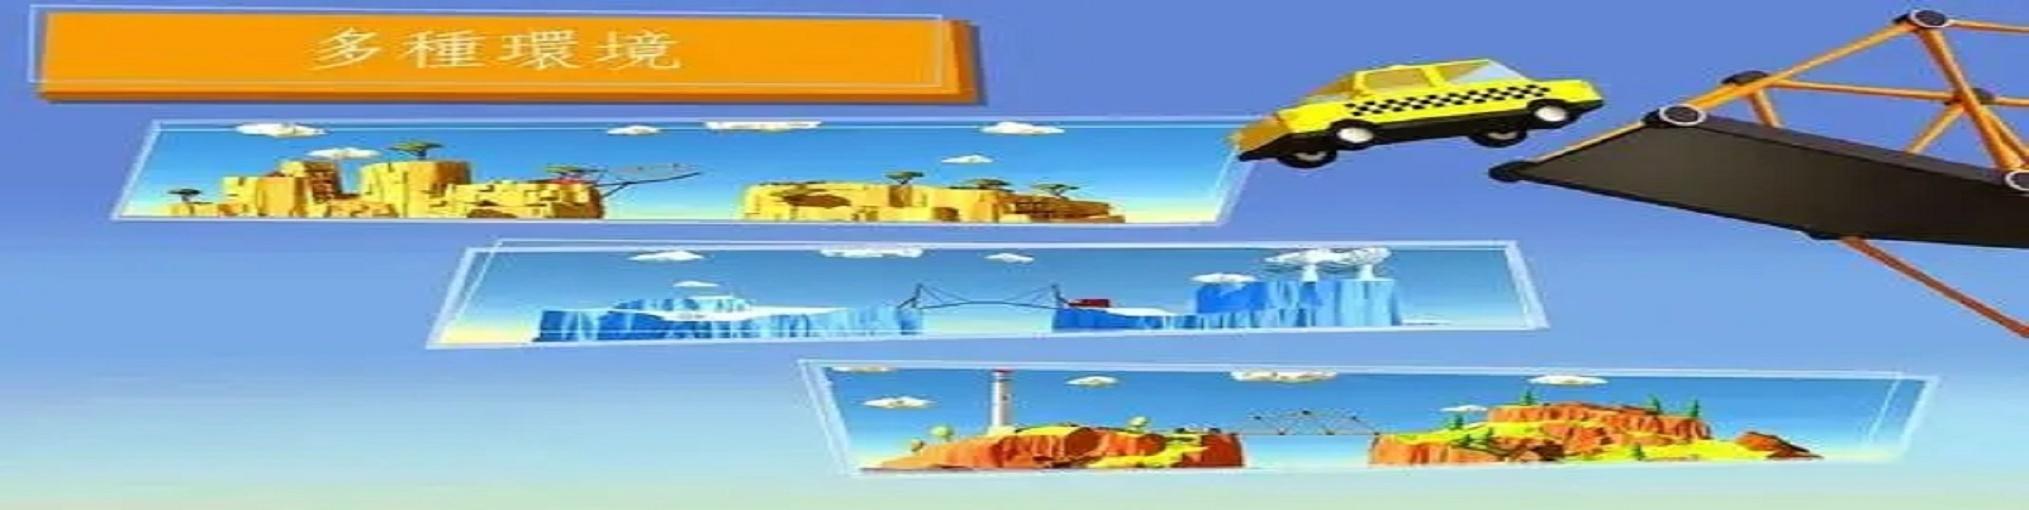 模拟建桥游戏下载大全专题